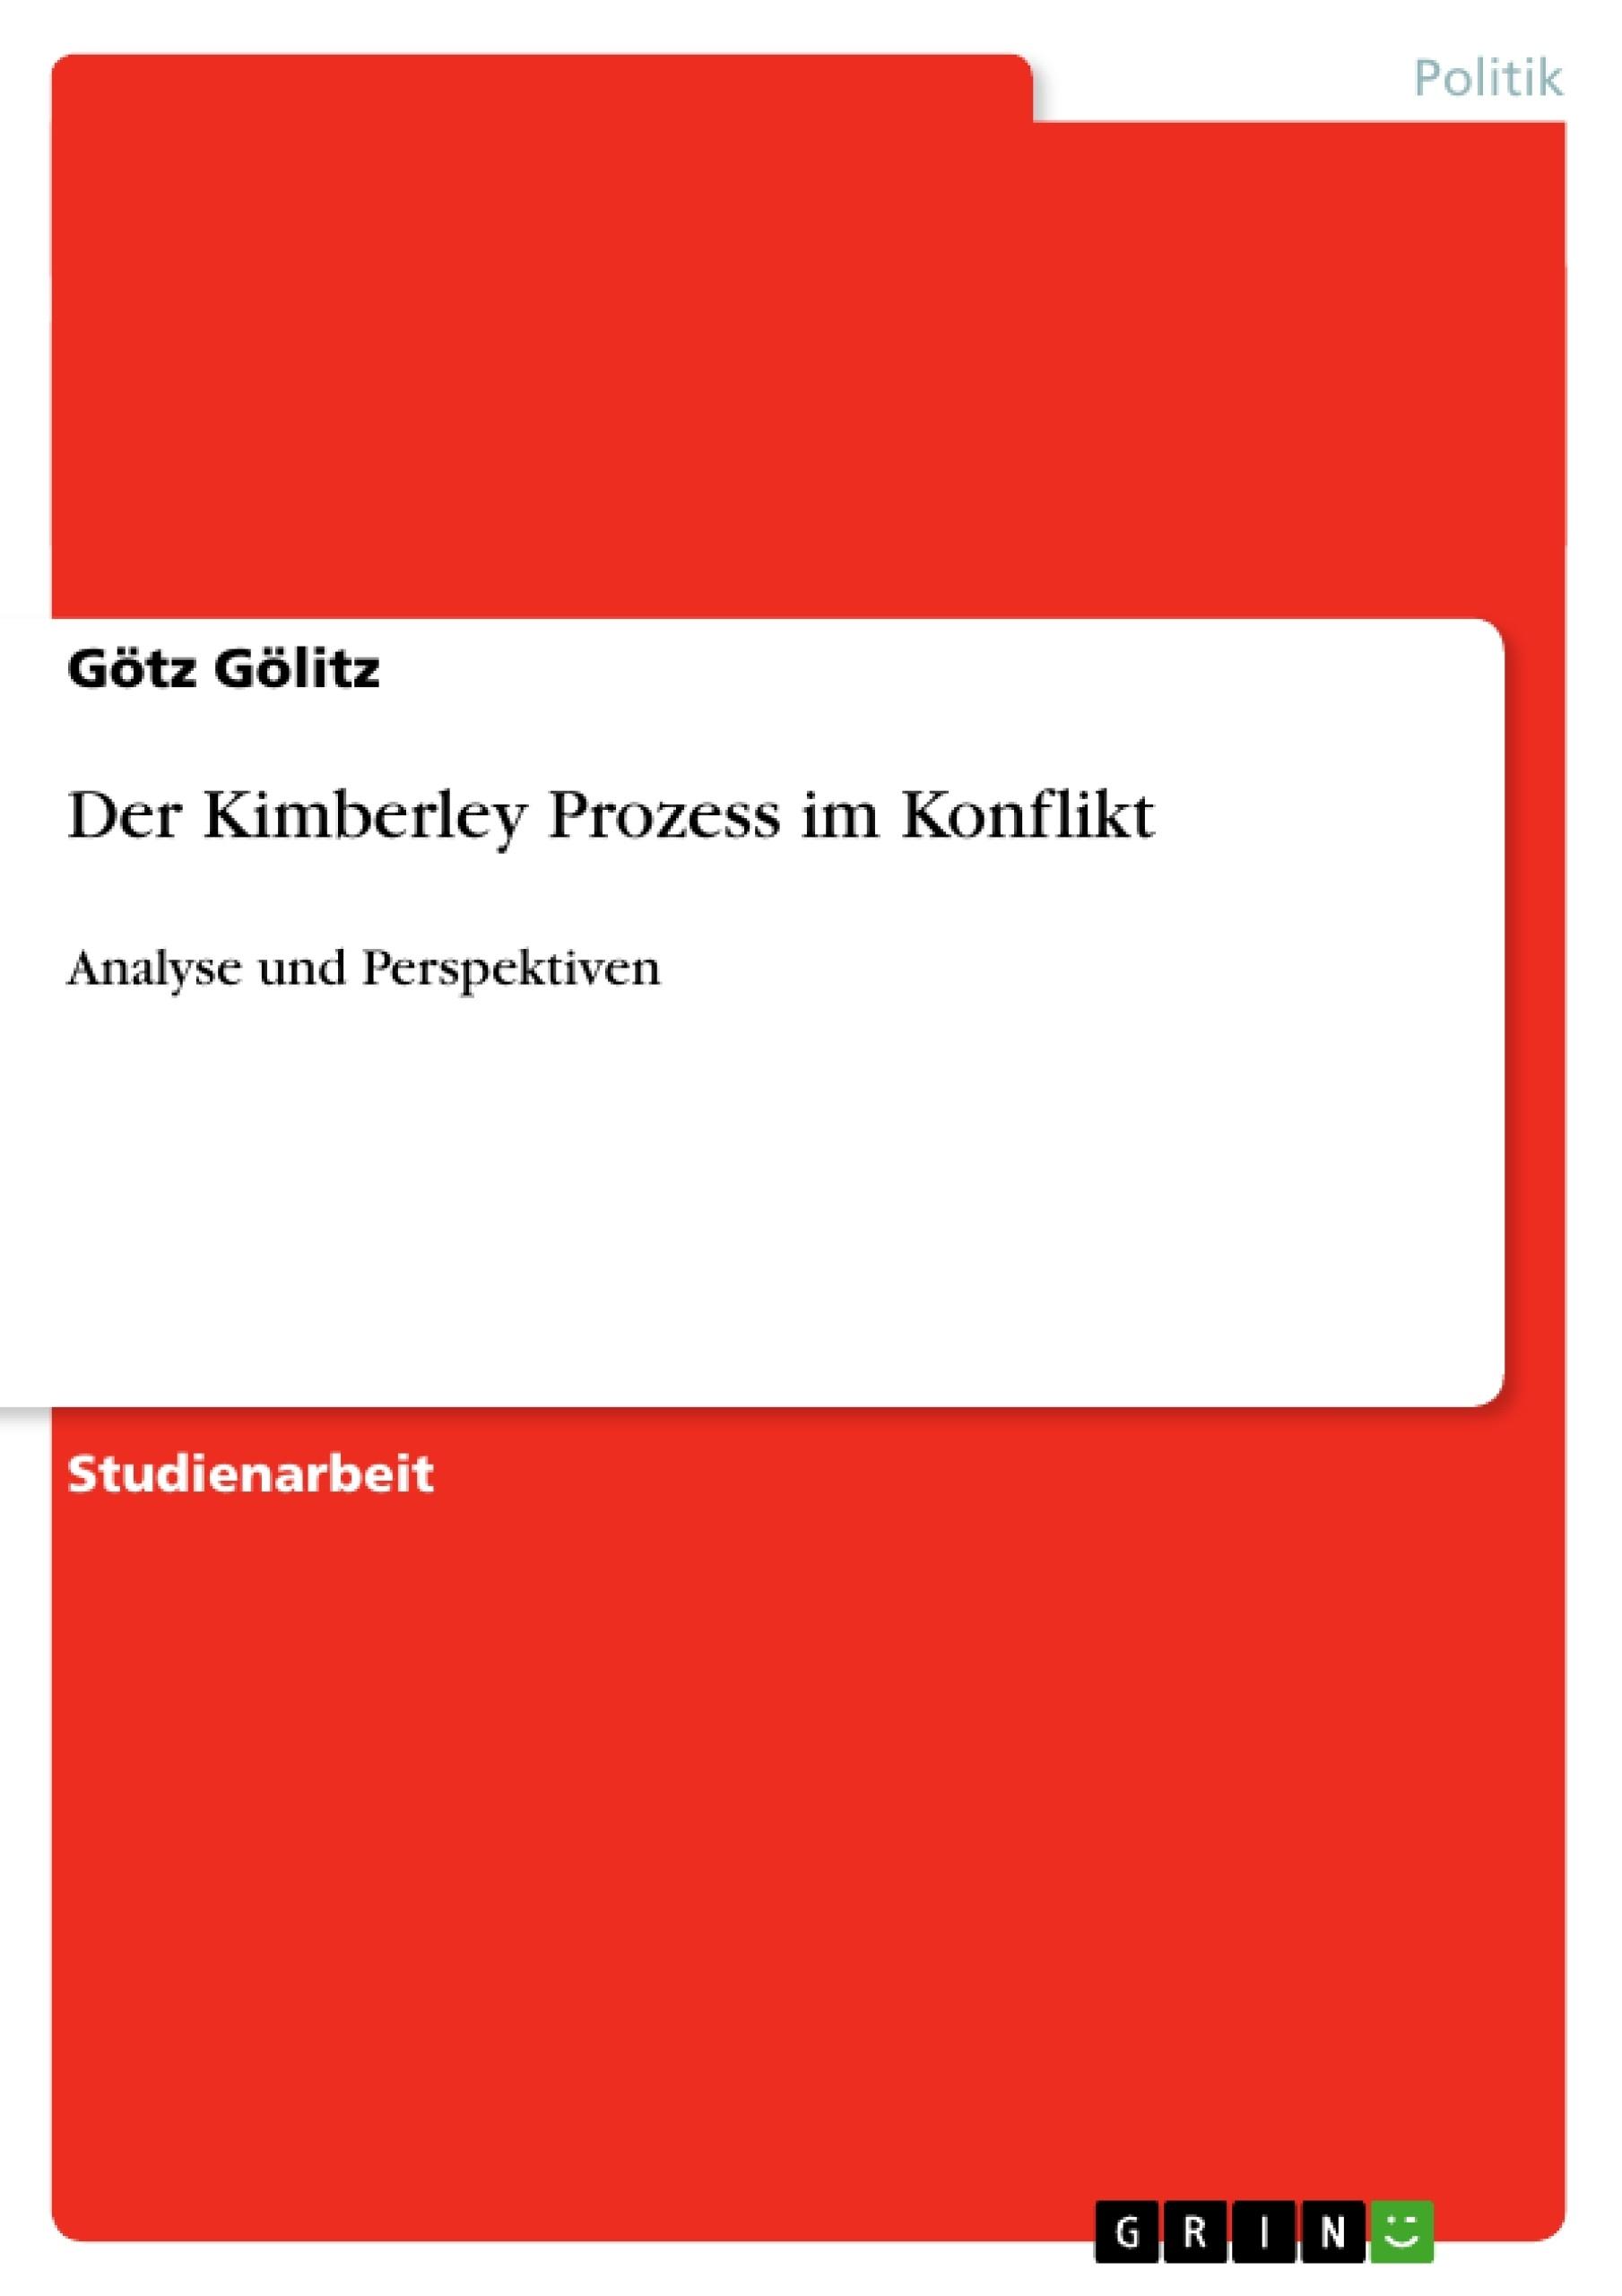 Titel: Der Kimberley Prozess im Konflikt